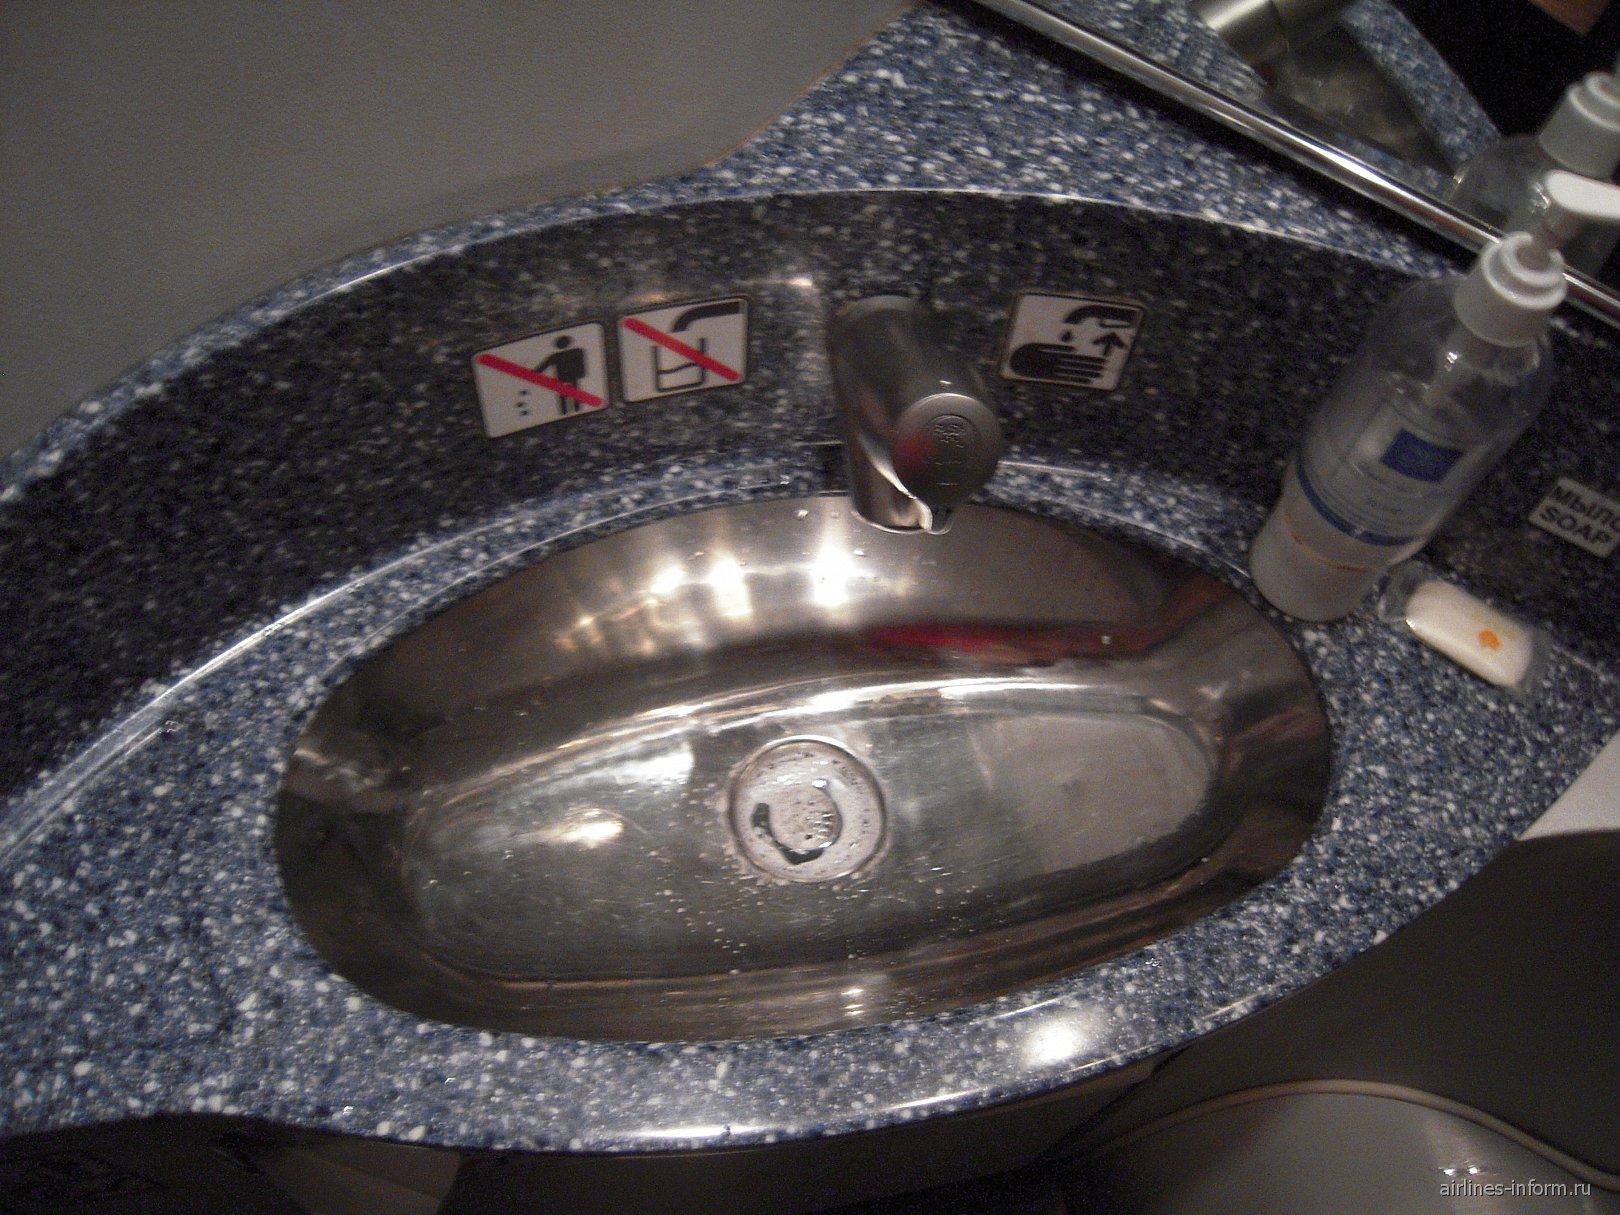 Туалет самолета Ан-148 авиакомпании Россия